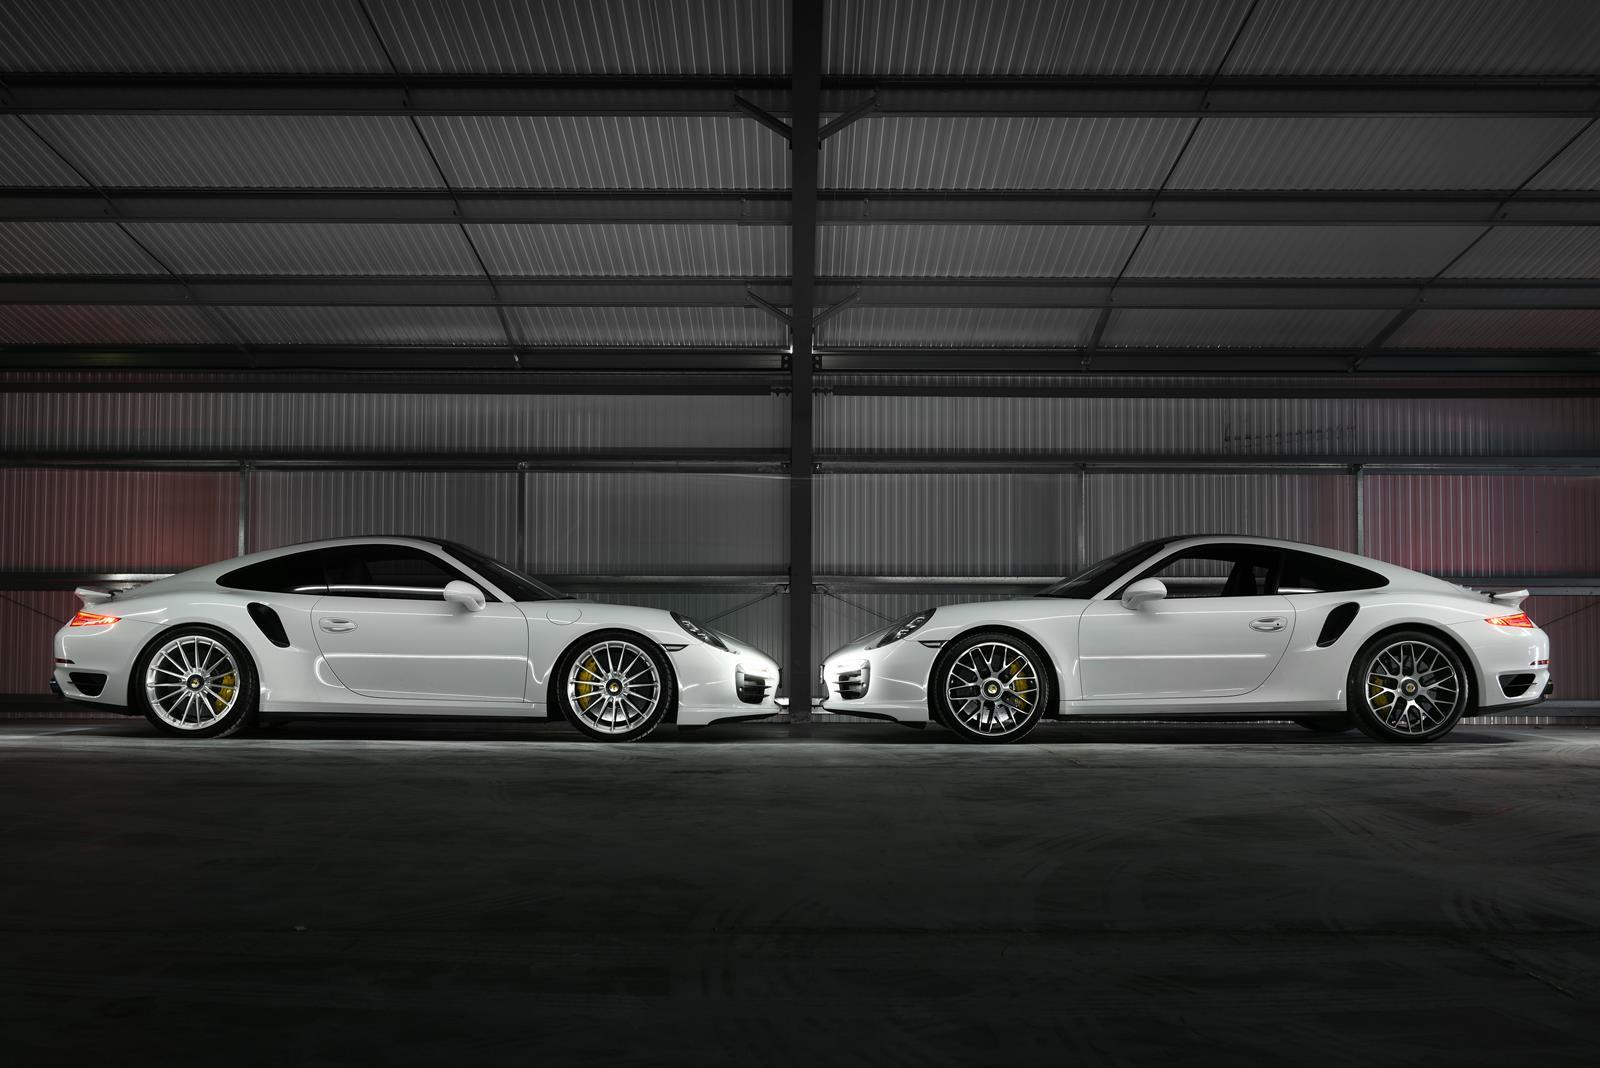 Porsche 911 Turbo S Litchfield